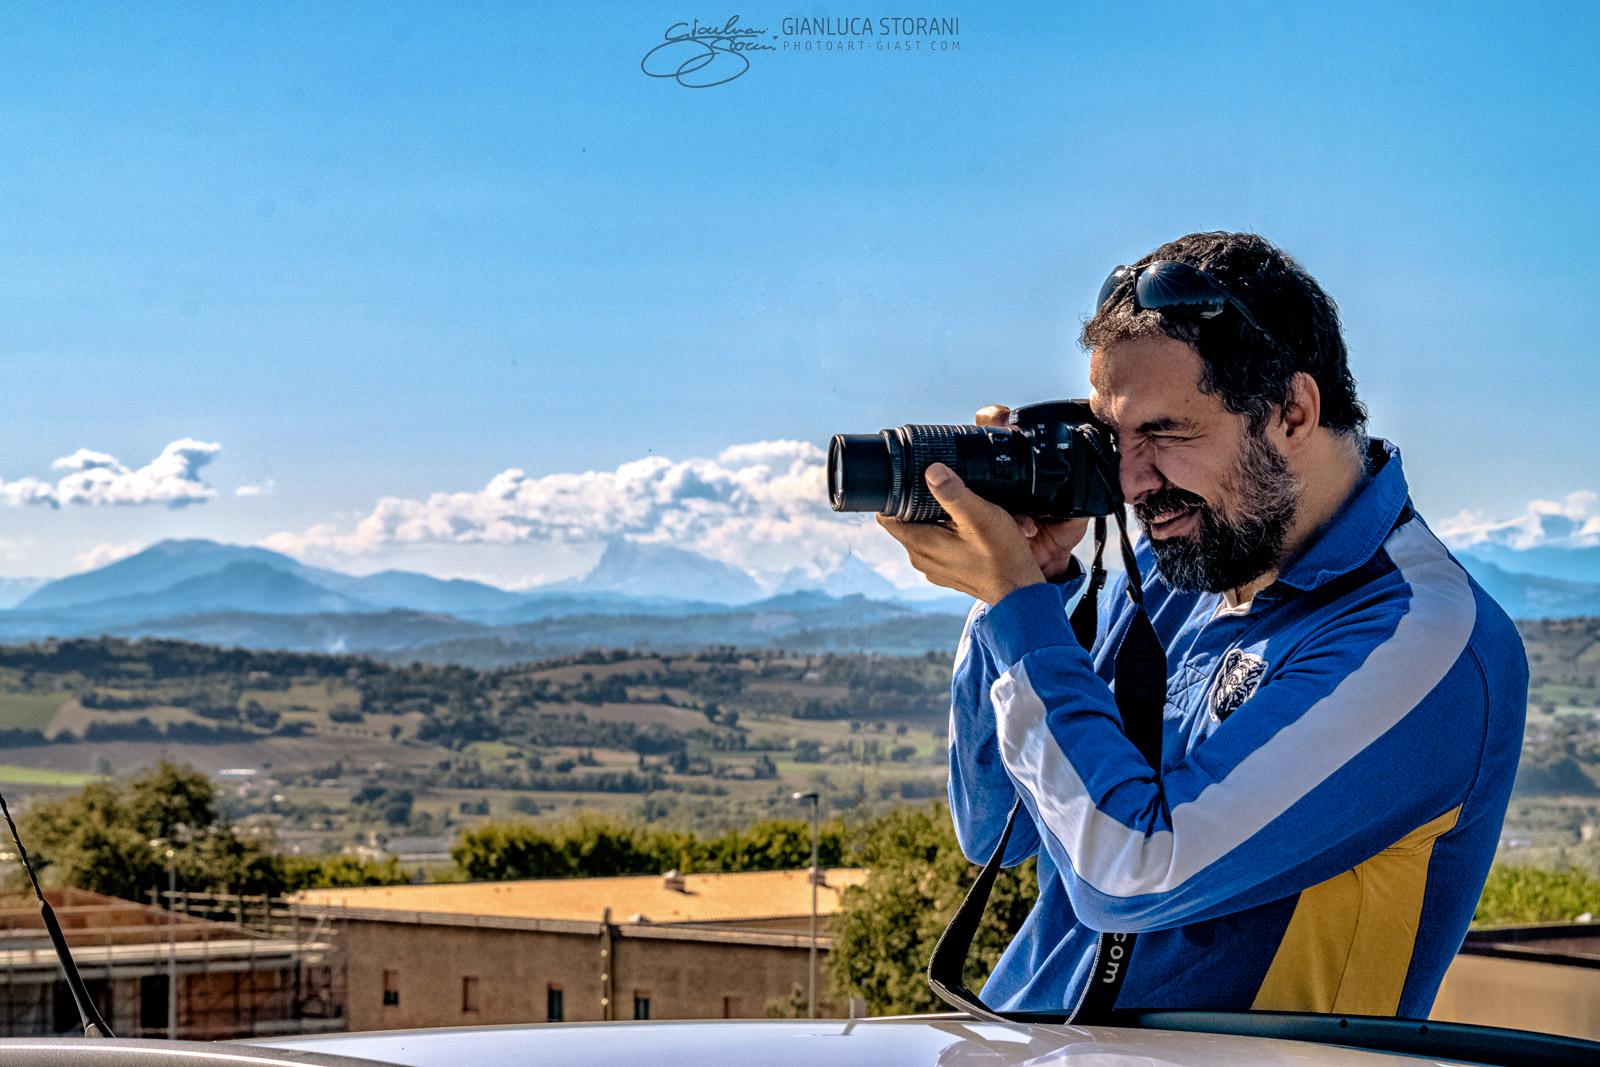 Sul predellino del mio Pandino - Gianluca Storani Photo Art